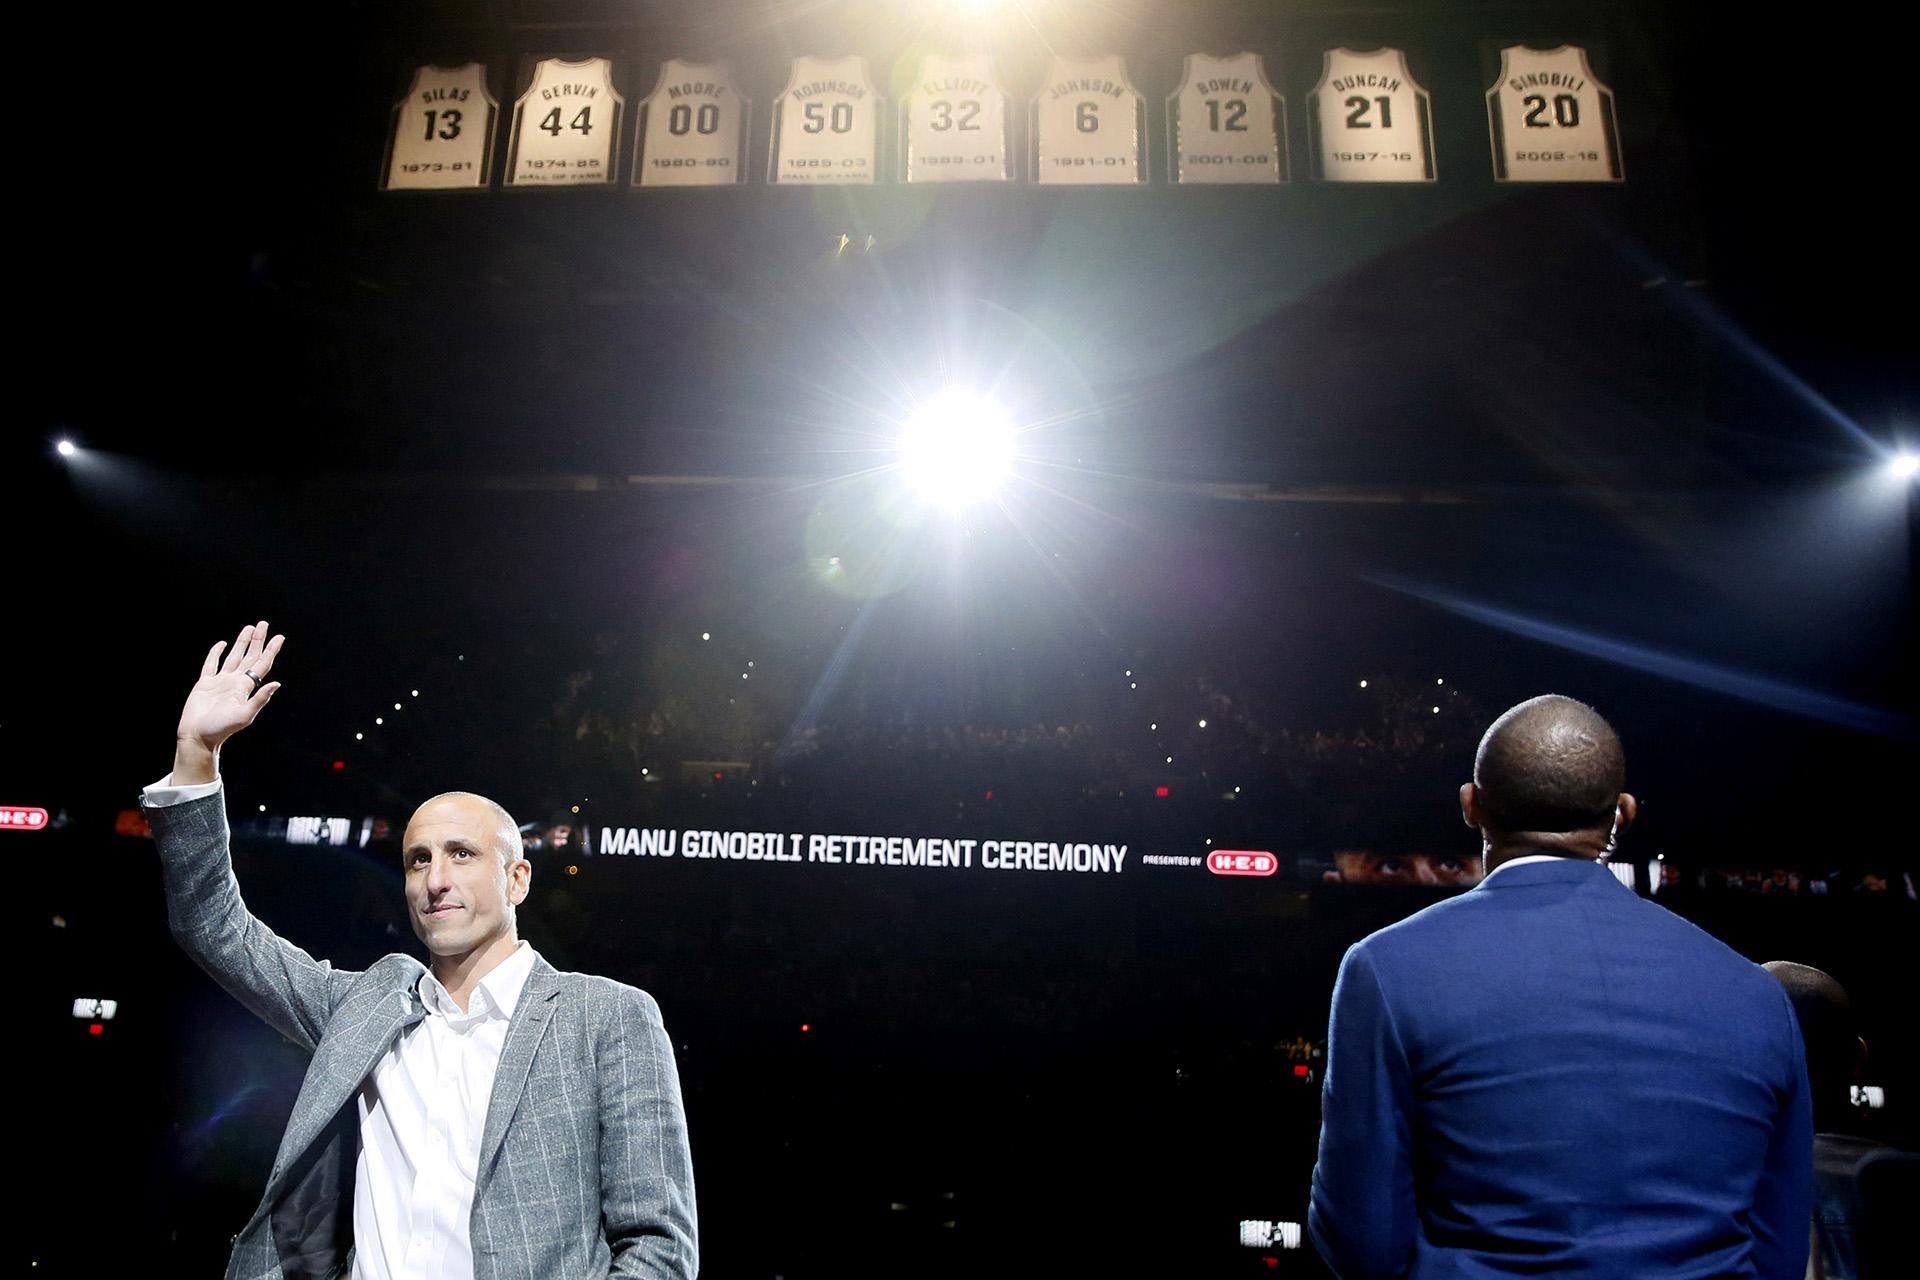 El ex jugador de los San Antonio Spurs, Manu Ginóbili, saluda a los fanáticos luego de su ceremonia de retiro en el AT&T Center luego de un juego entre los Cleveland Cavaliers y los San Antonio Spurs